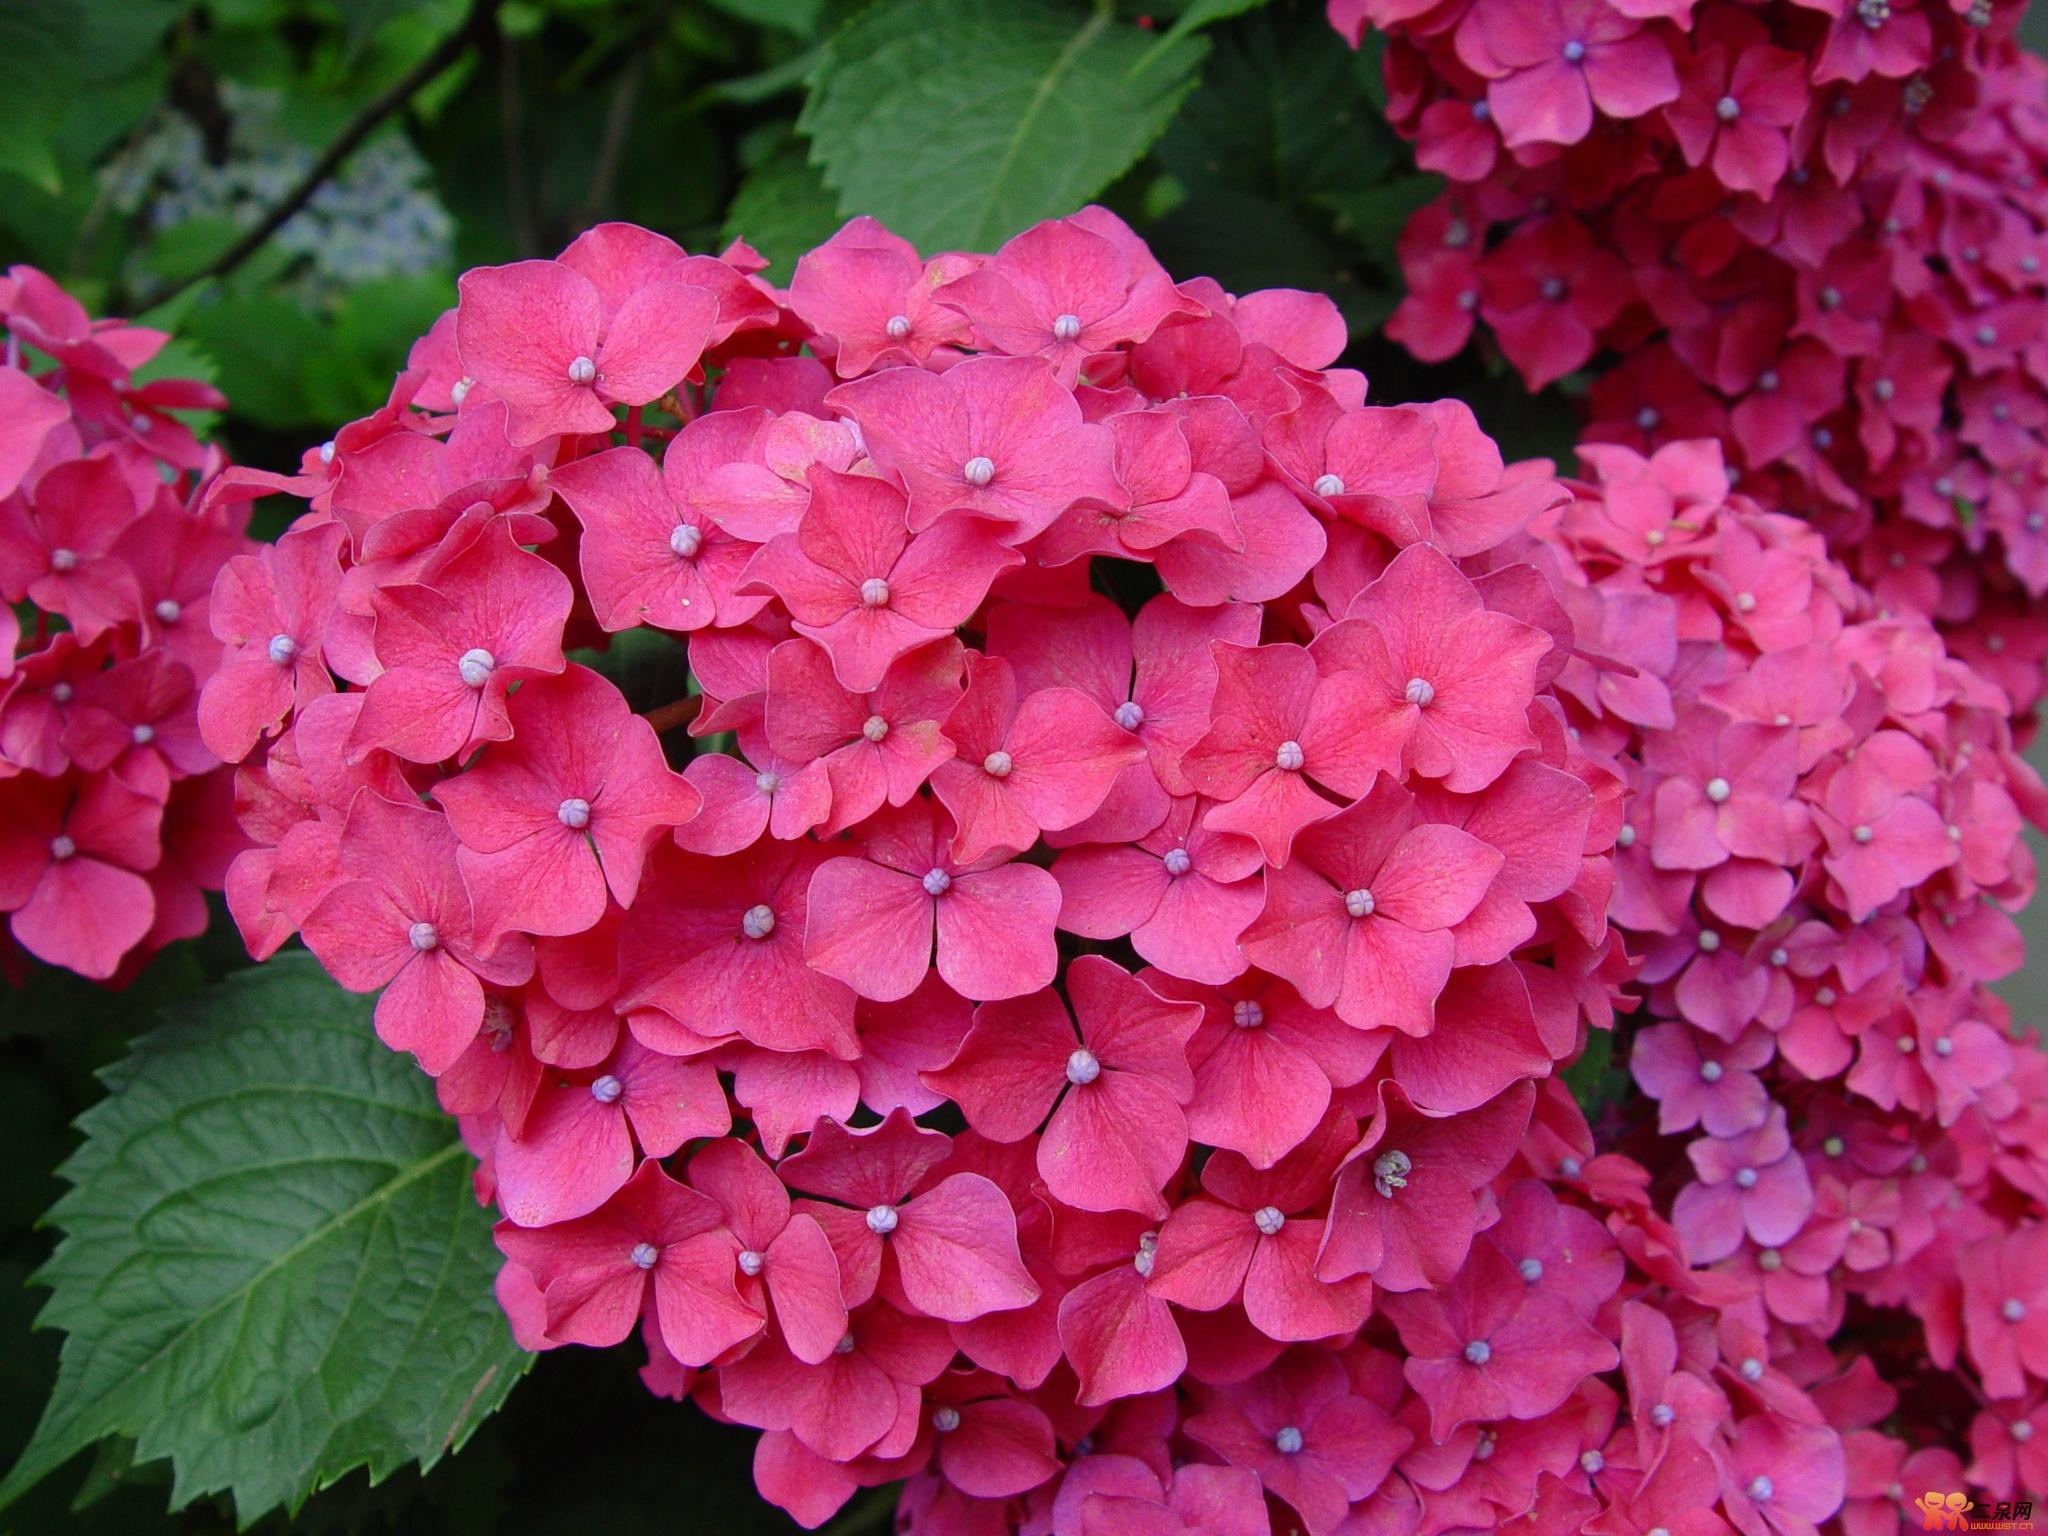 绣球花的养殖方法和注意事项绣球花因为花的外形和古代绣球比较的相似